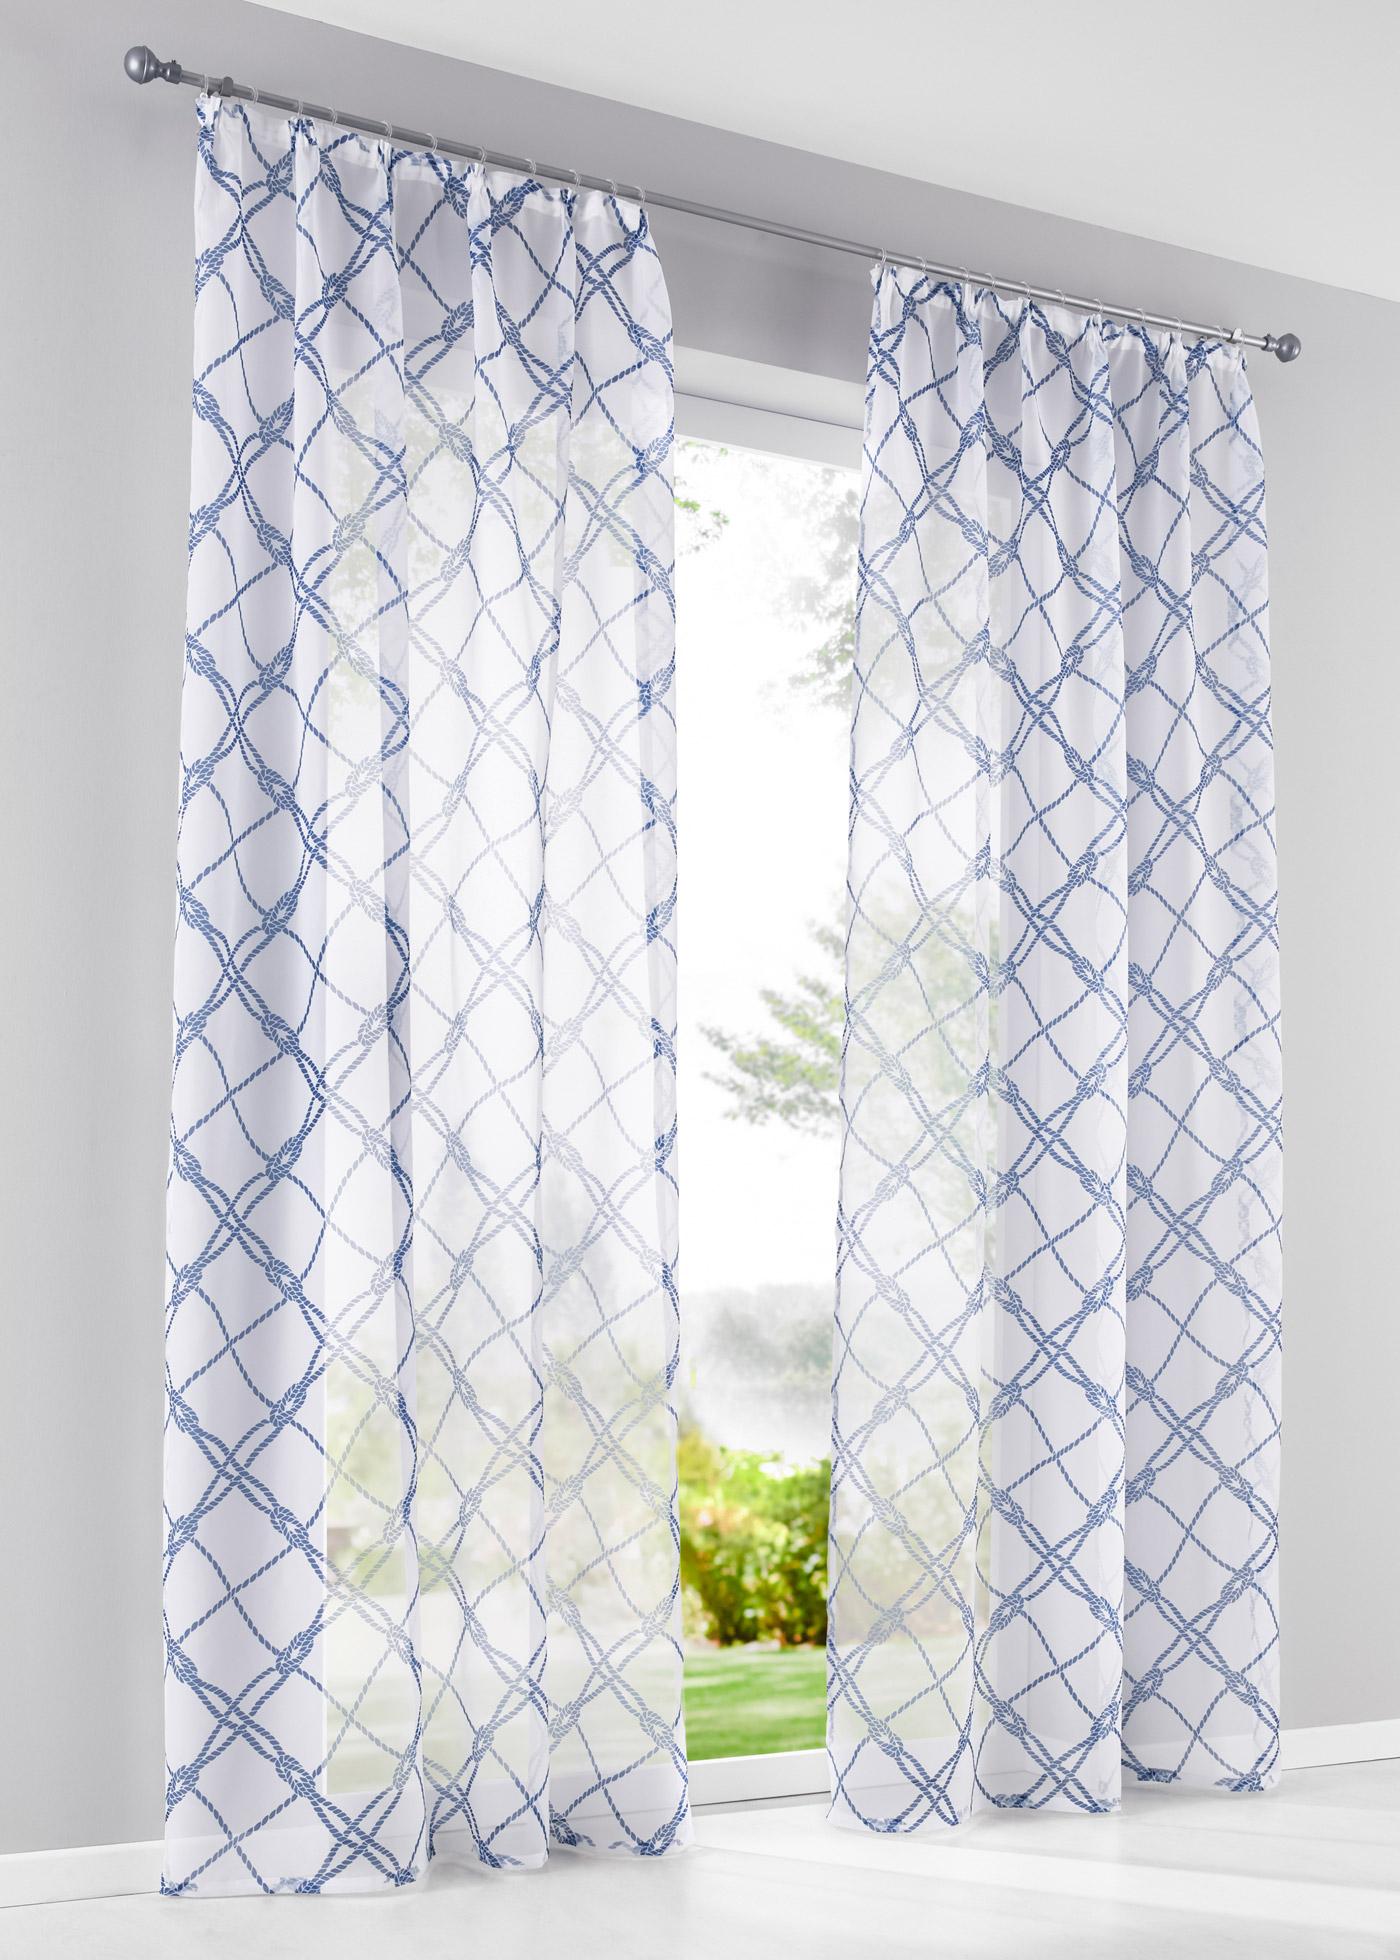 Imprimé, transparent, voile, dimensions = dimensions du tissu.